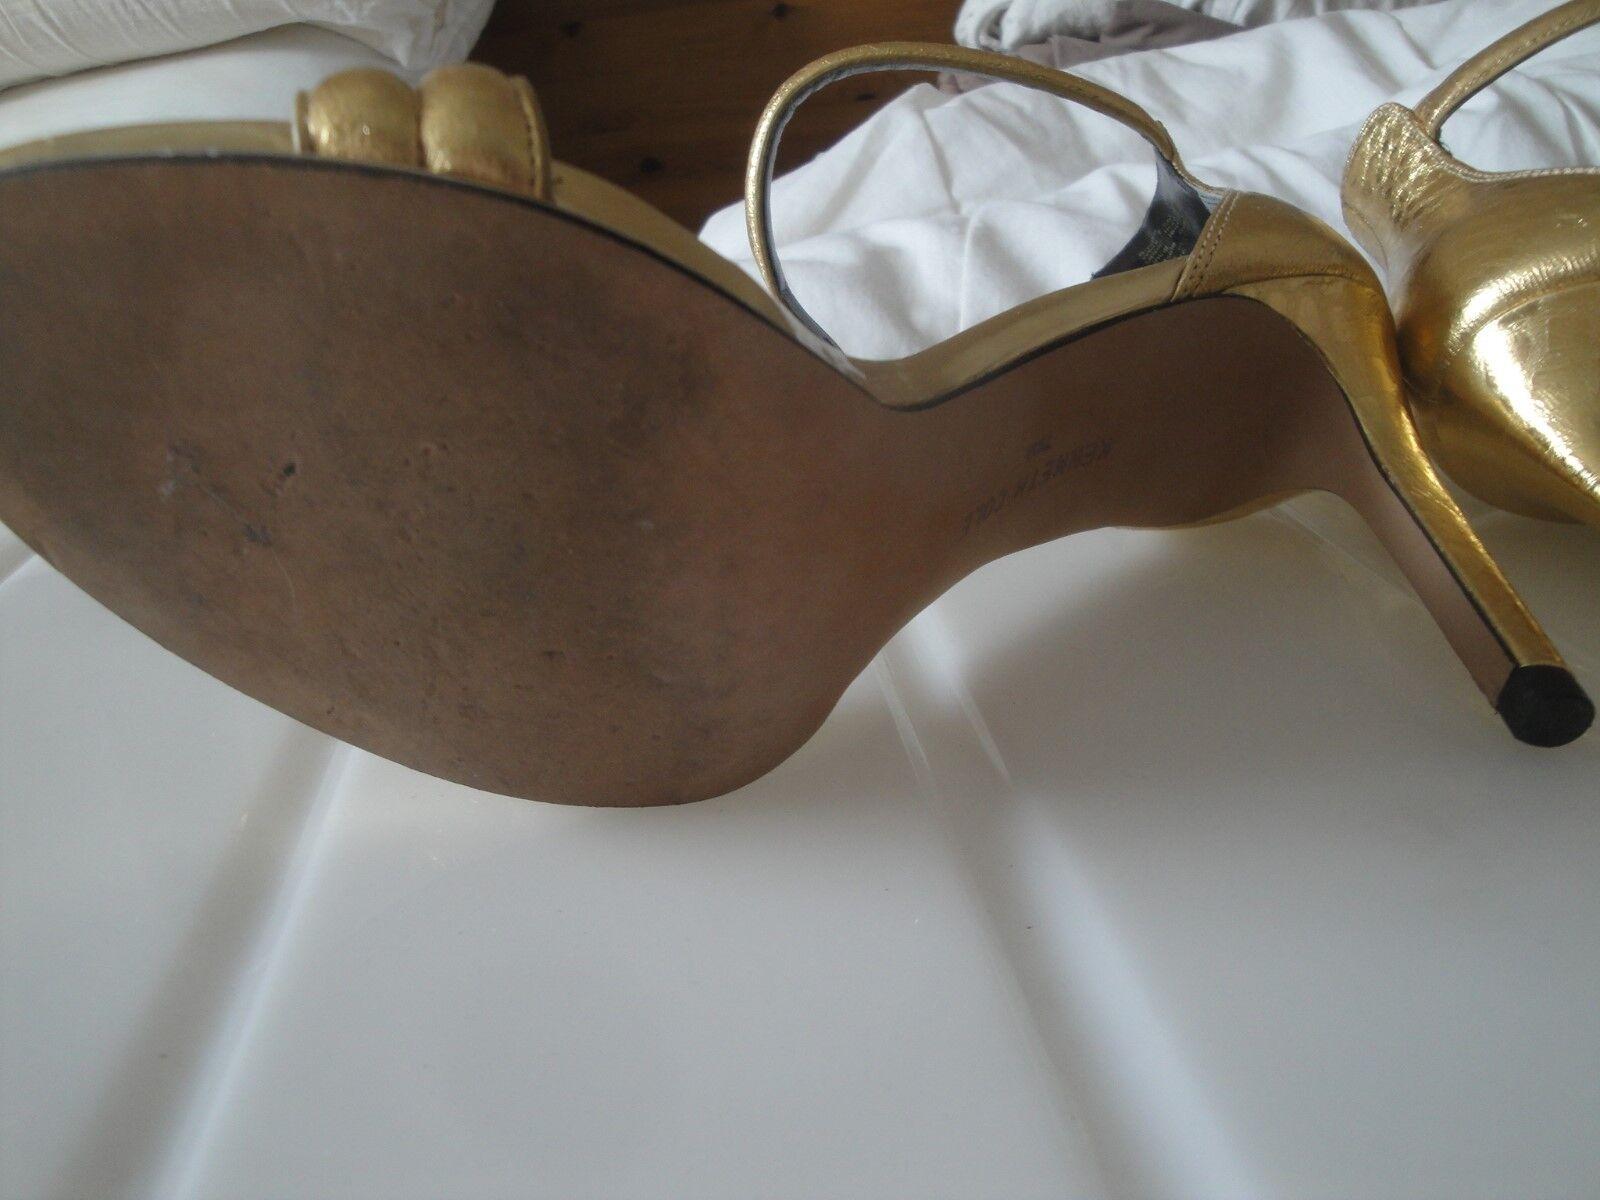 Kenneth Cole Größe Größe Größe 5.5 Gold stiletto sandals 9e33a5